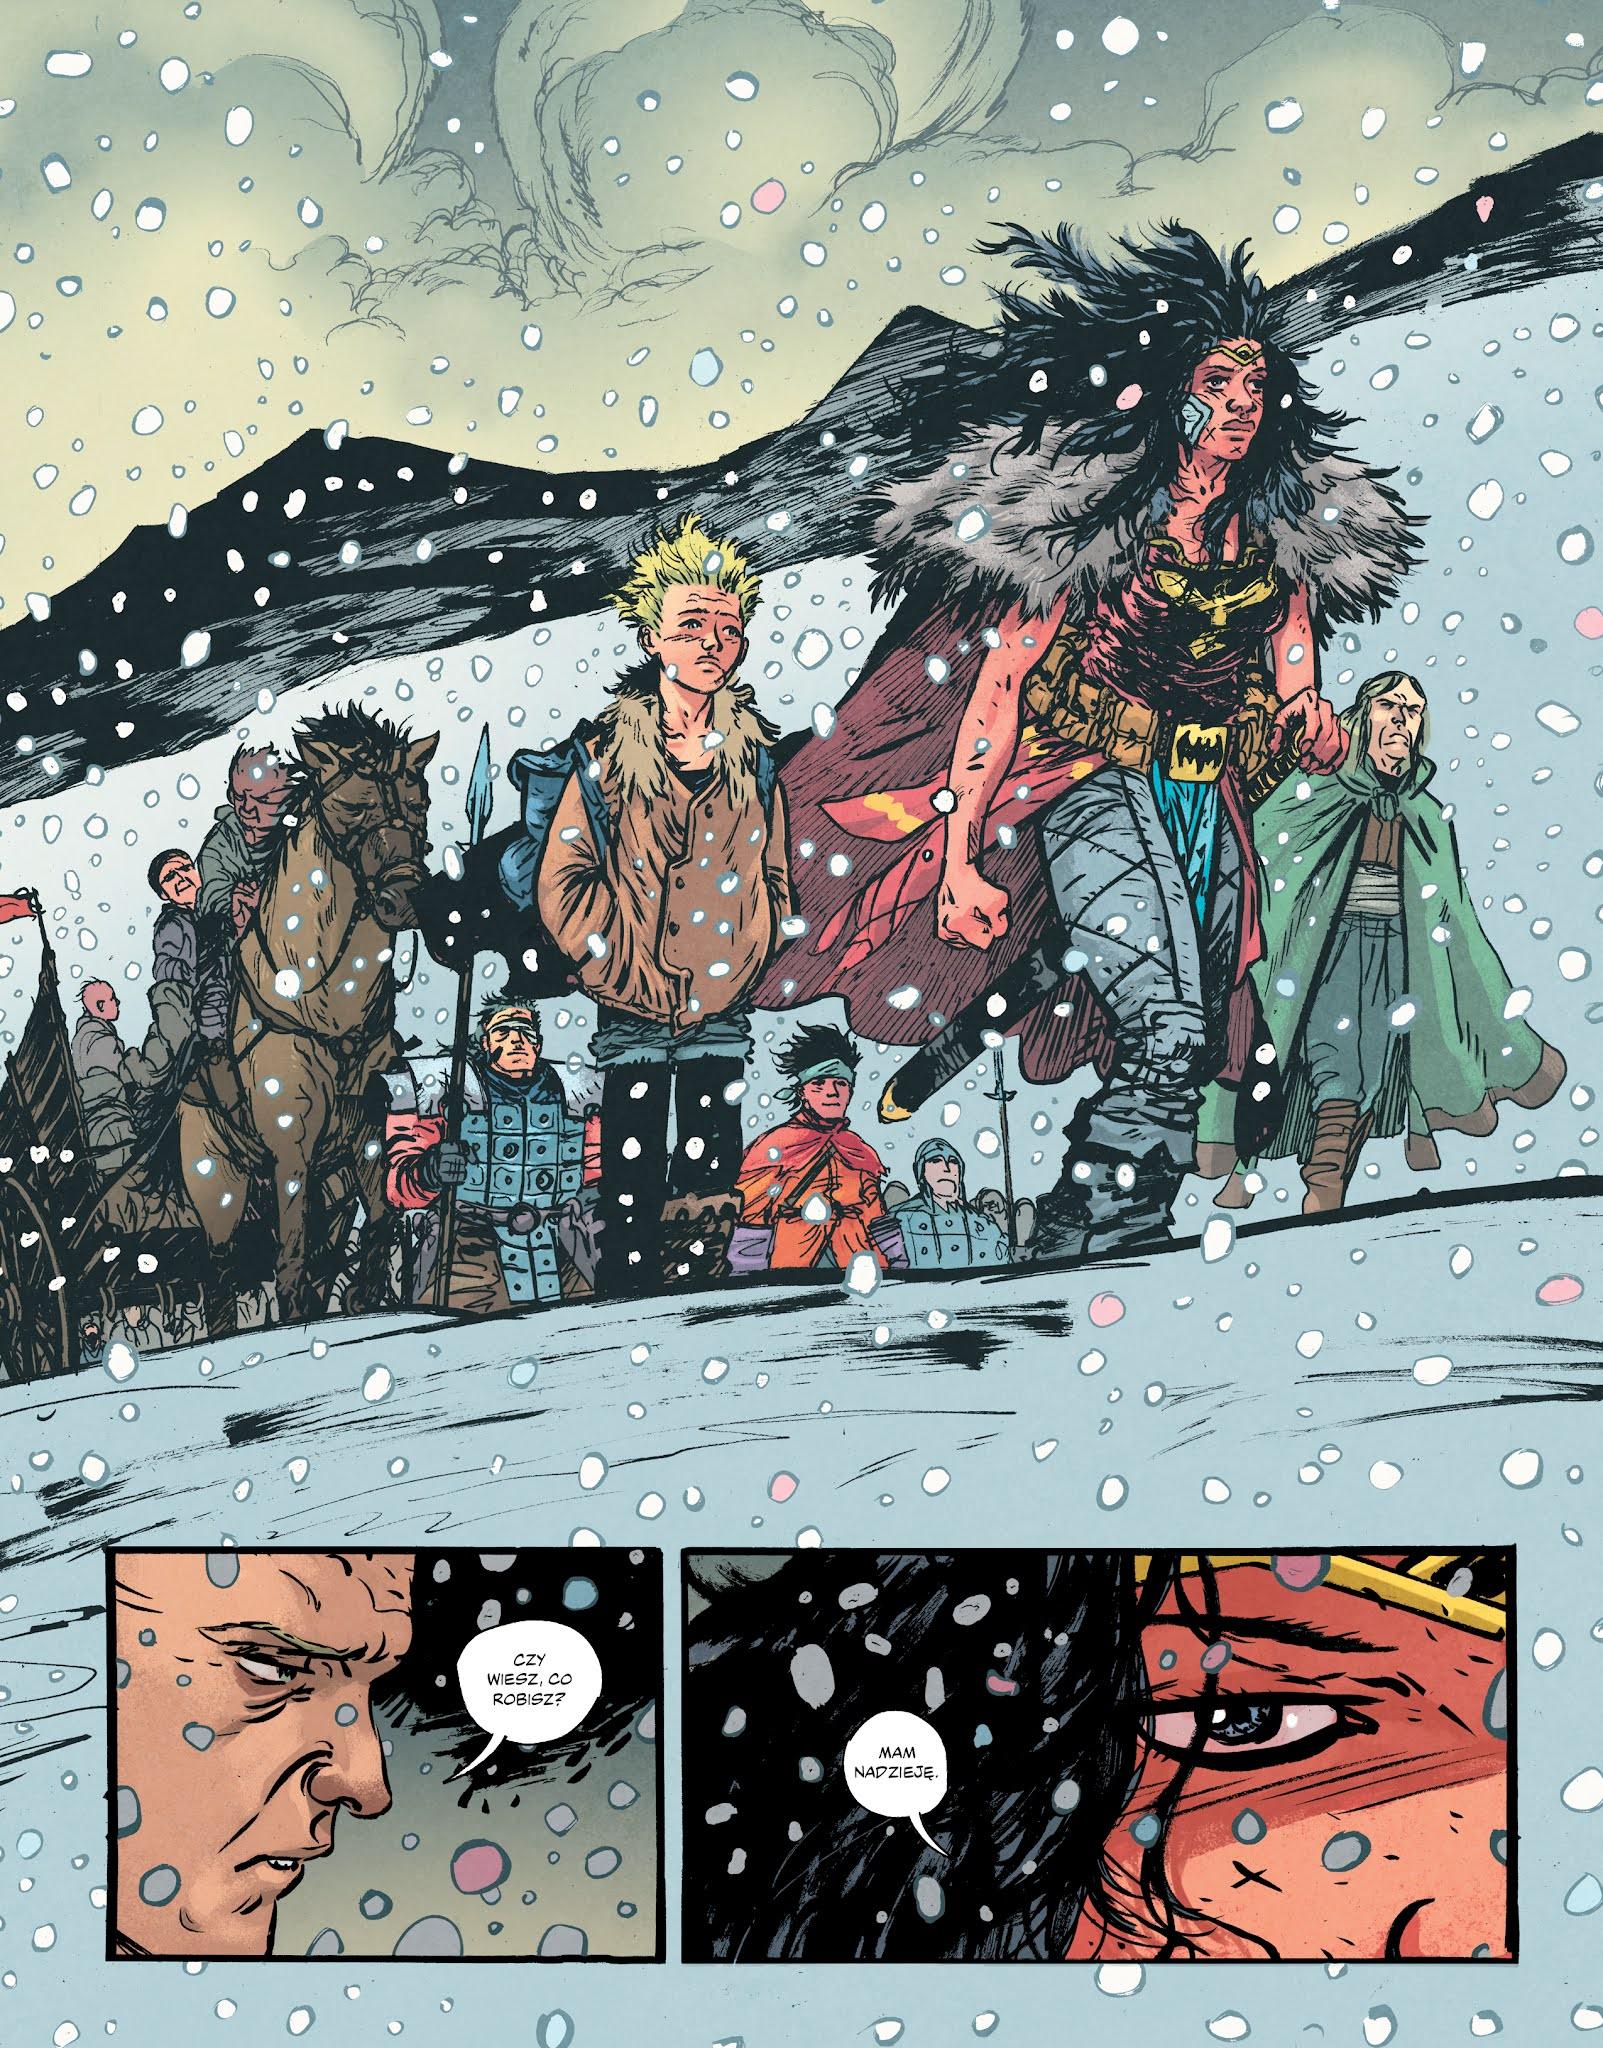 Wonder Woman Martwa Ziemia przykładowa strona